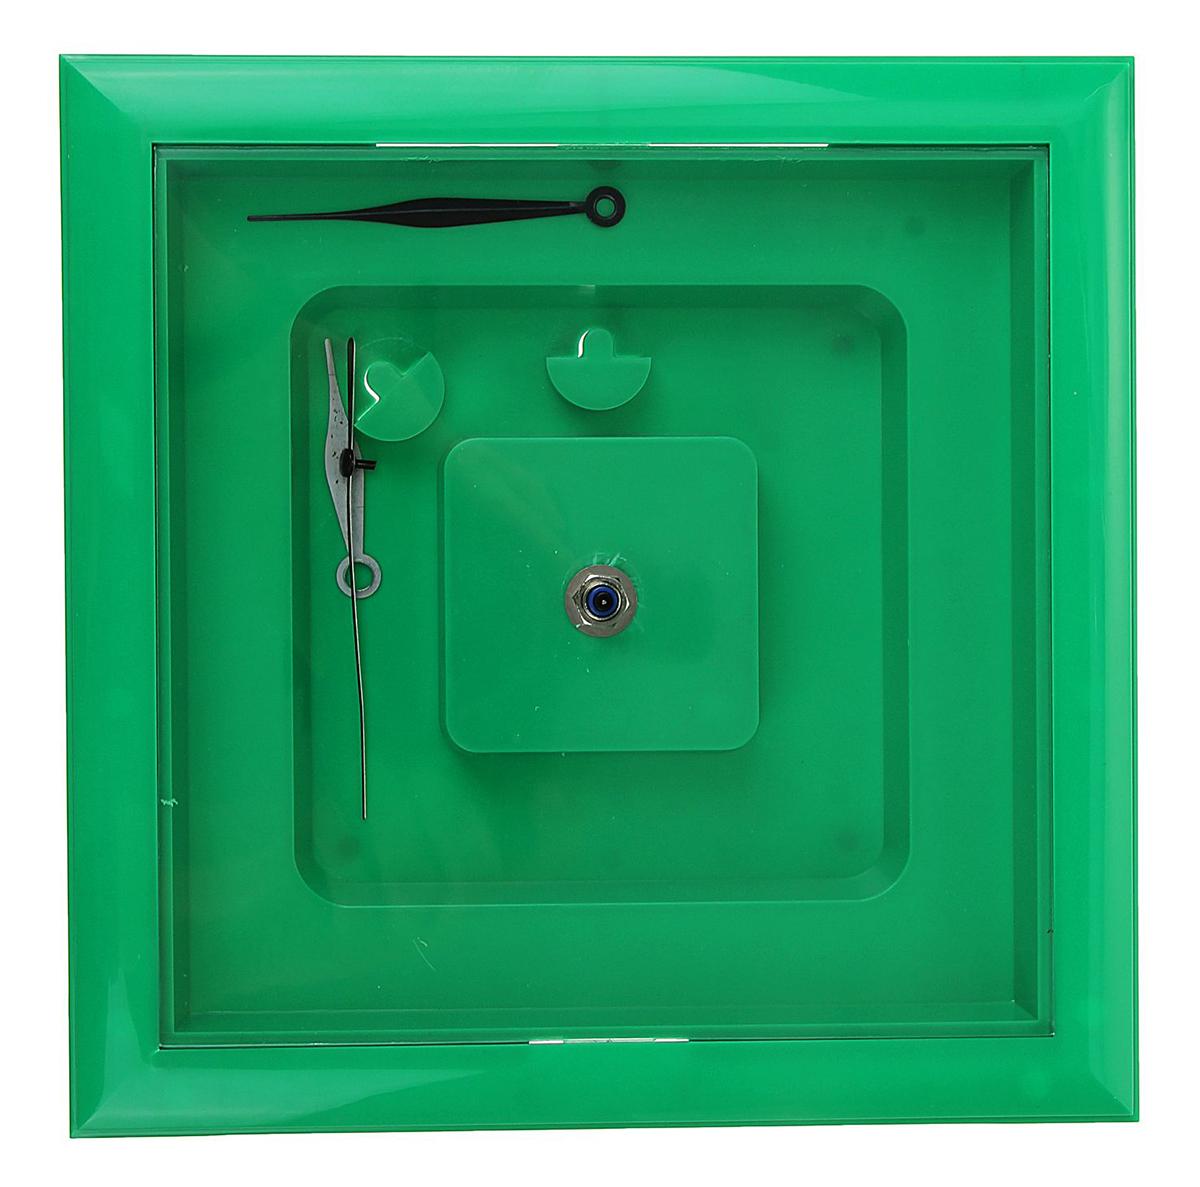 Каждому хозяину периодически приходит мысль обновить свою квартиру, сделать ремонт, перестановку или кардинально поменять внешний вид каждой комнаты. Часы-конструктор под нанесение, квадратные, зеленые — привлекательная деталь, которая поможет воплотить вашу интерьерную идею, создать неповторимую атмосферу в вашем доме. Окружите себя приятными мелочами, пусть они радуют глаз и дарят гармонию.Часы-конструктор под нанесение квадратные, зеленые 1128064